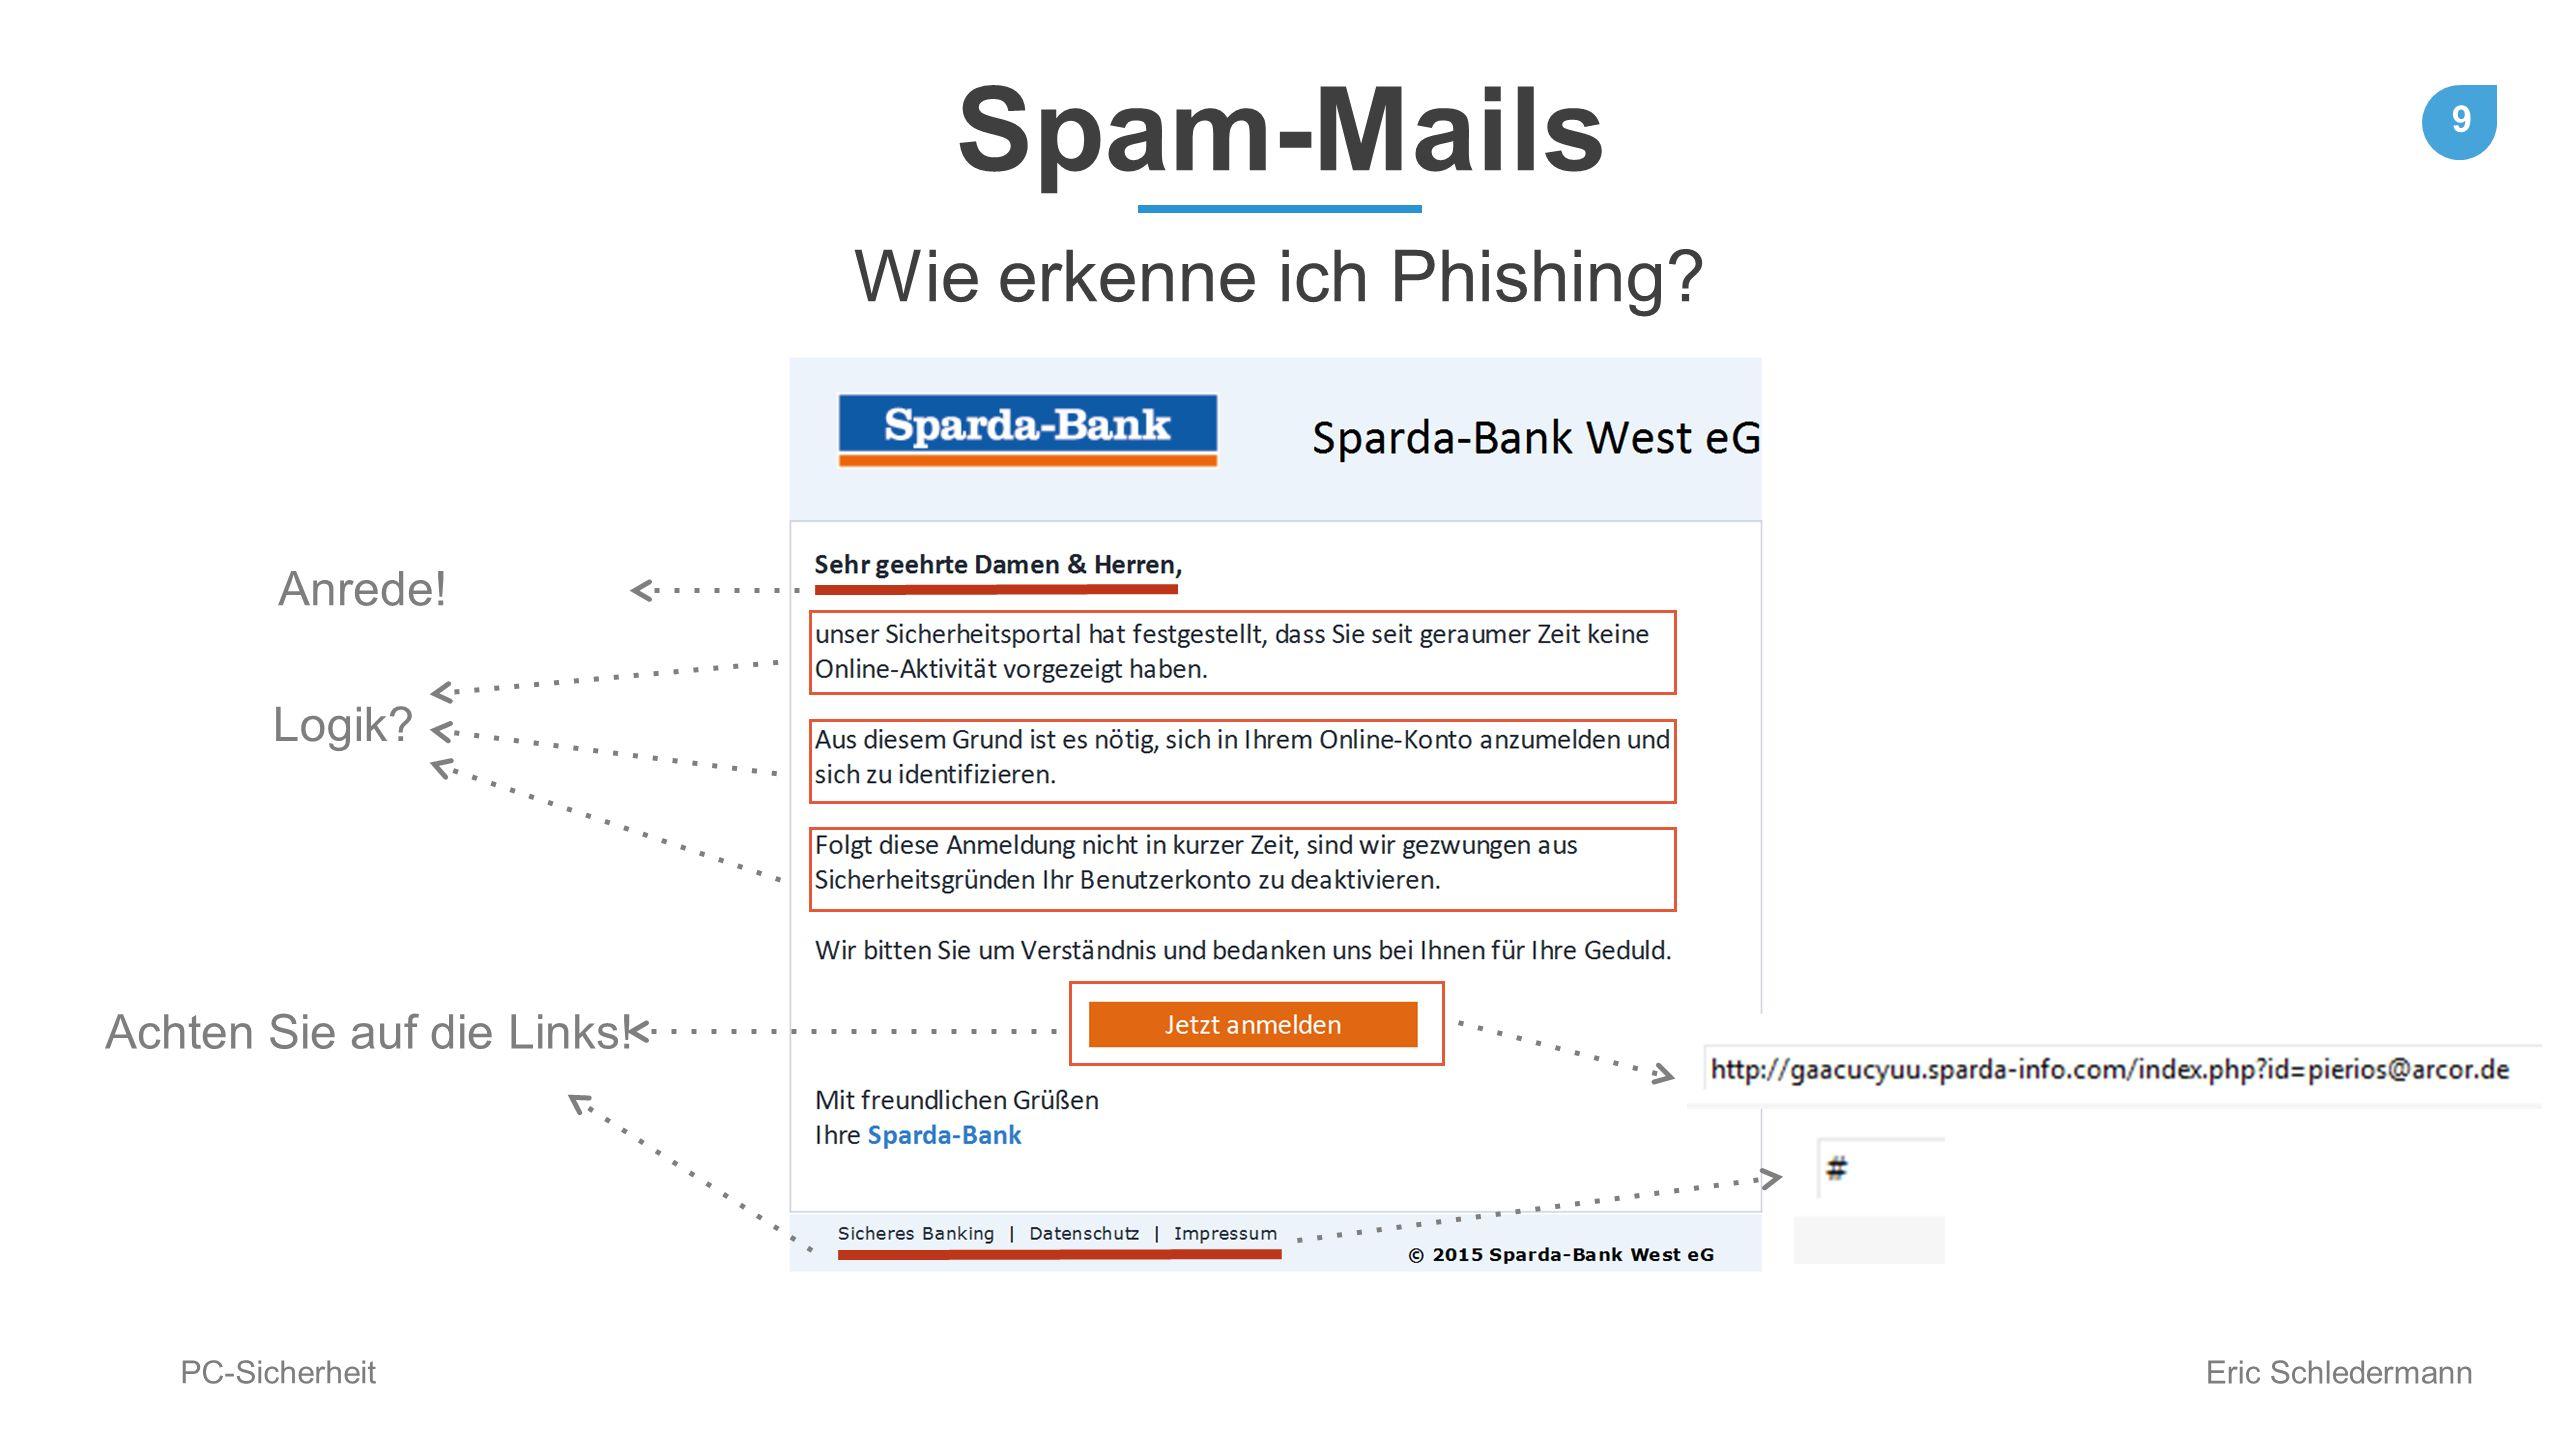 9 PC-Sicherheit Eric Schledermann Spam-Mails Wie erkenne ich Phishing? Anrede! Logik? Achten Sie auf die Links!